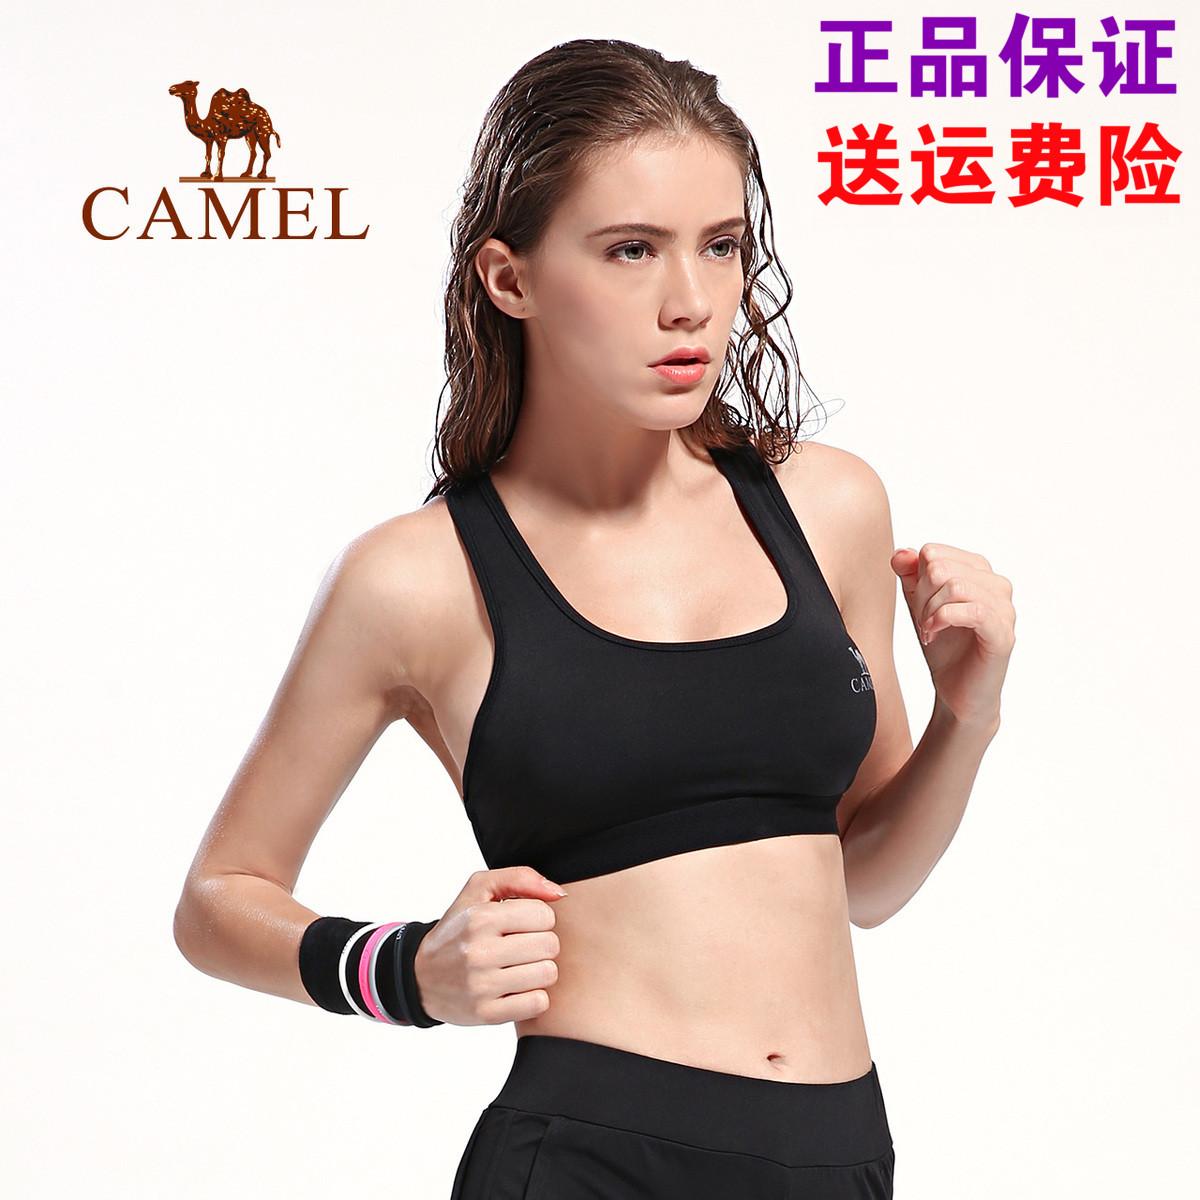 【2017新品】CAMEL骆驼牌运动文胸 健身跑步内衣女款瑜伽针织背心